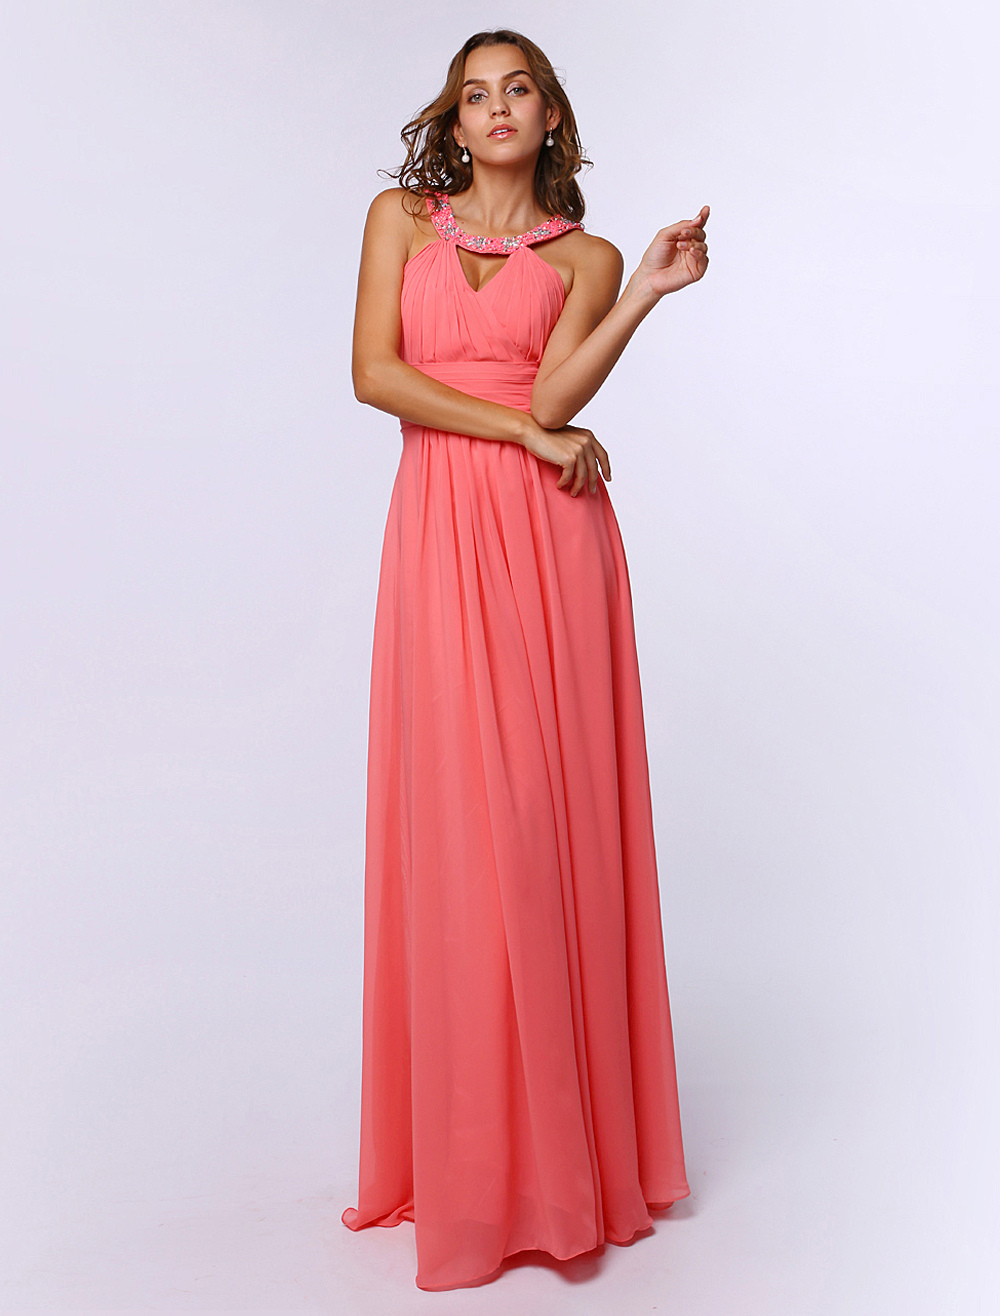 Fabelhaftes Prom-Kleid aus Chiffon mit Kunstdiamanten in ...